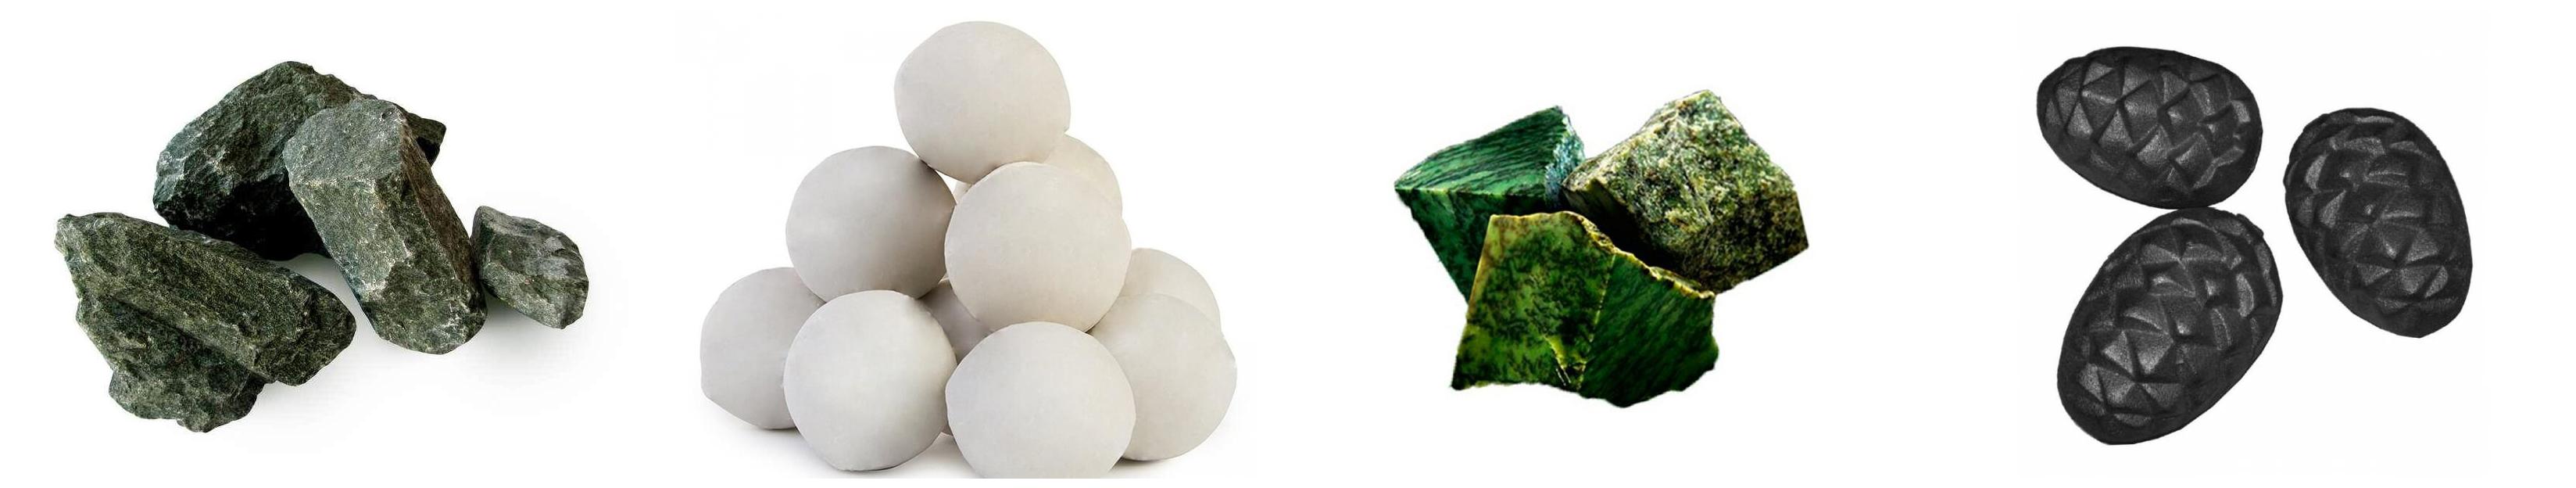 Лучшие камни для бани